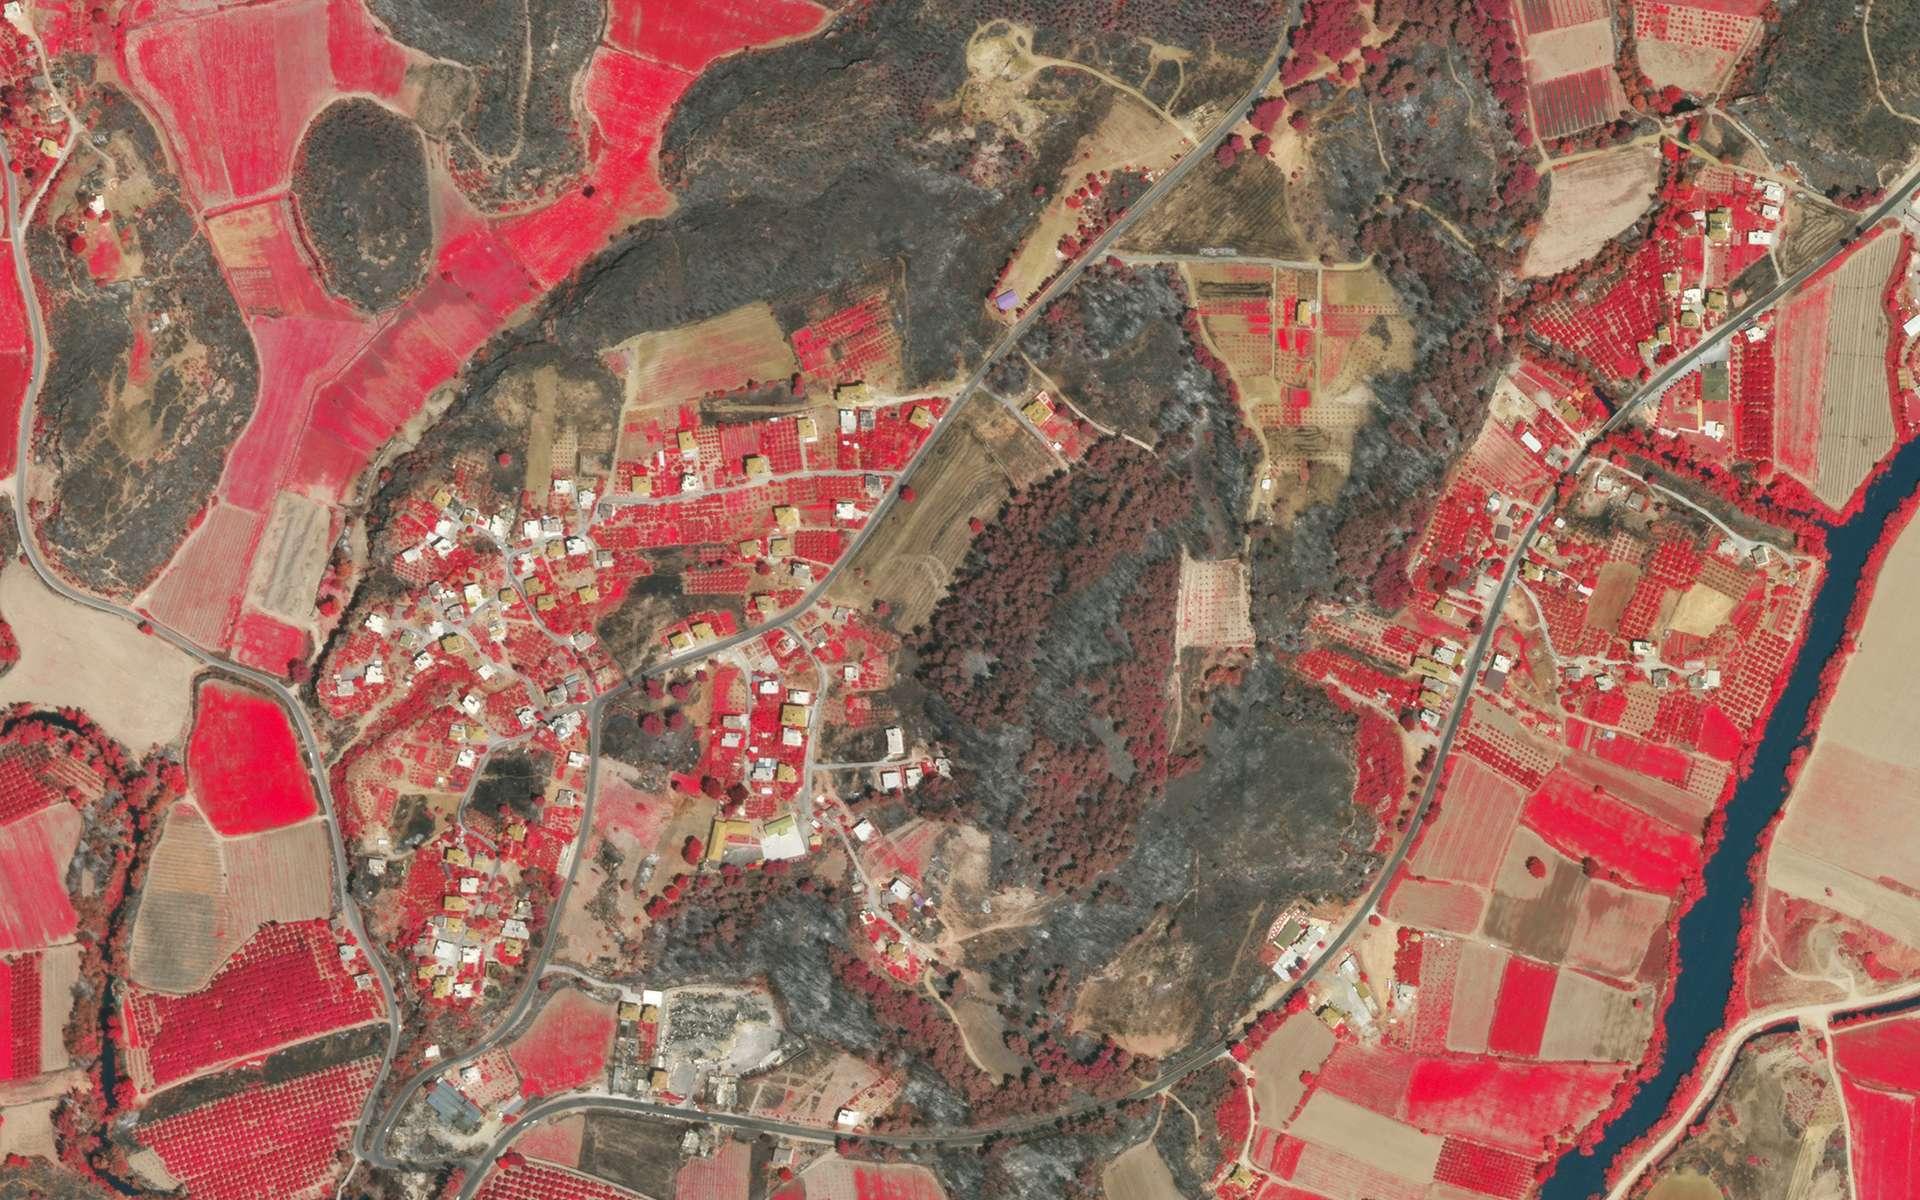 Les localités turques de Manavgat et Dikmen ont été touchées par des incendies. © 2021 Planet Labs, Inc